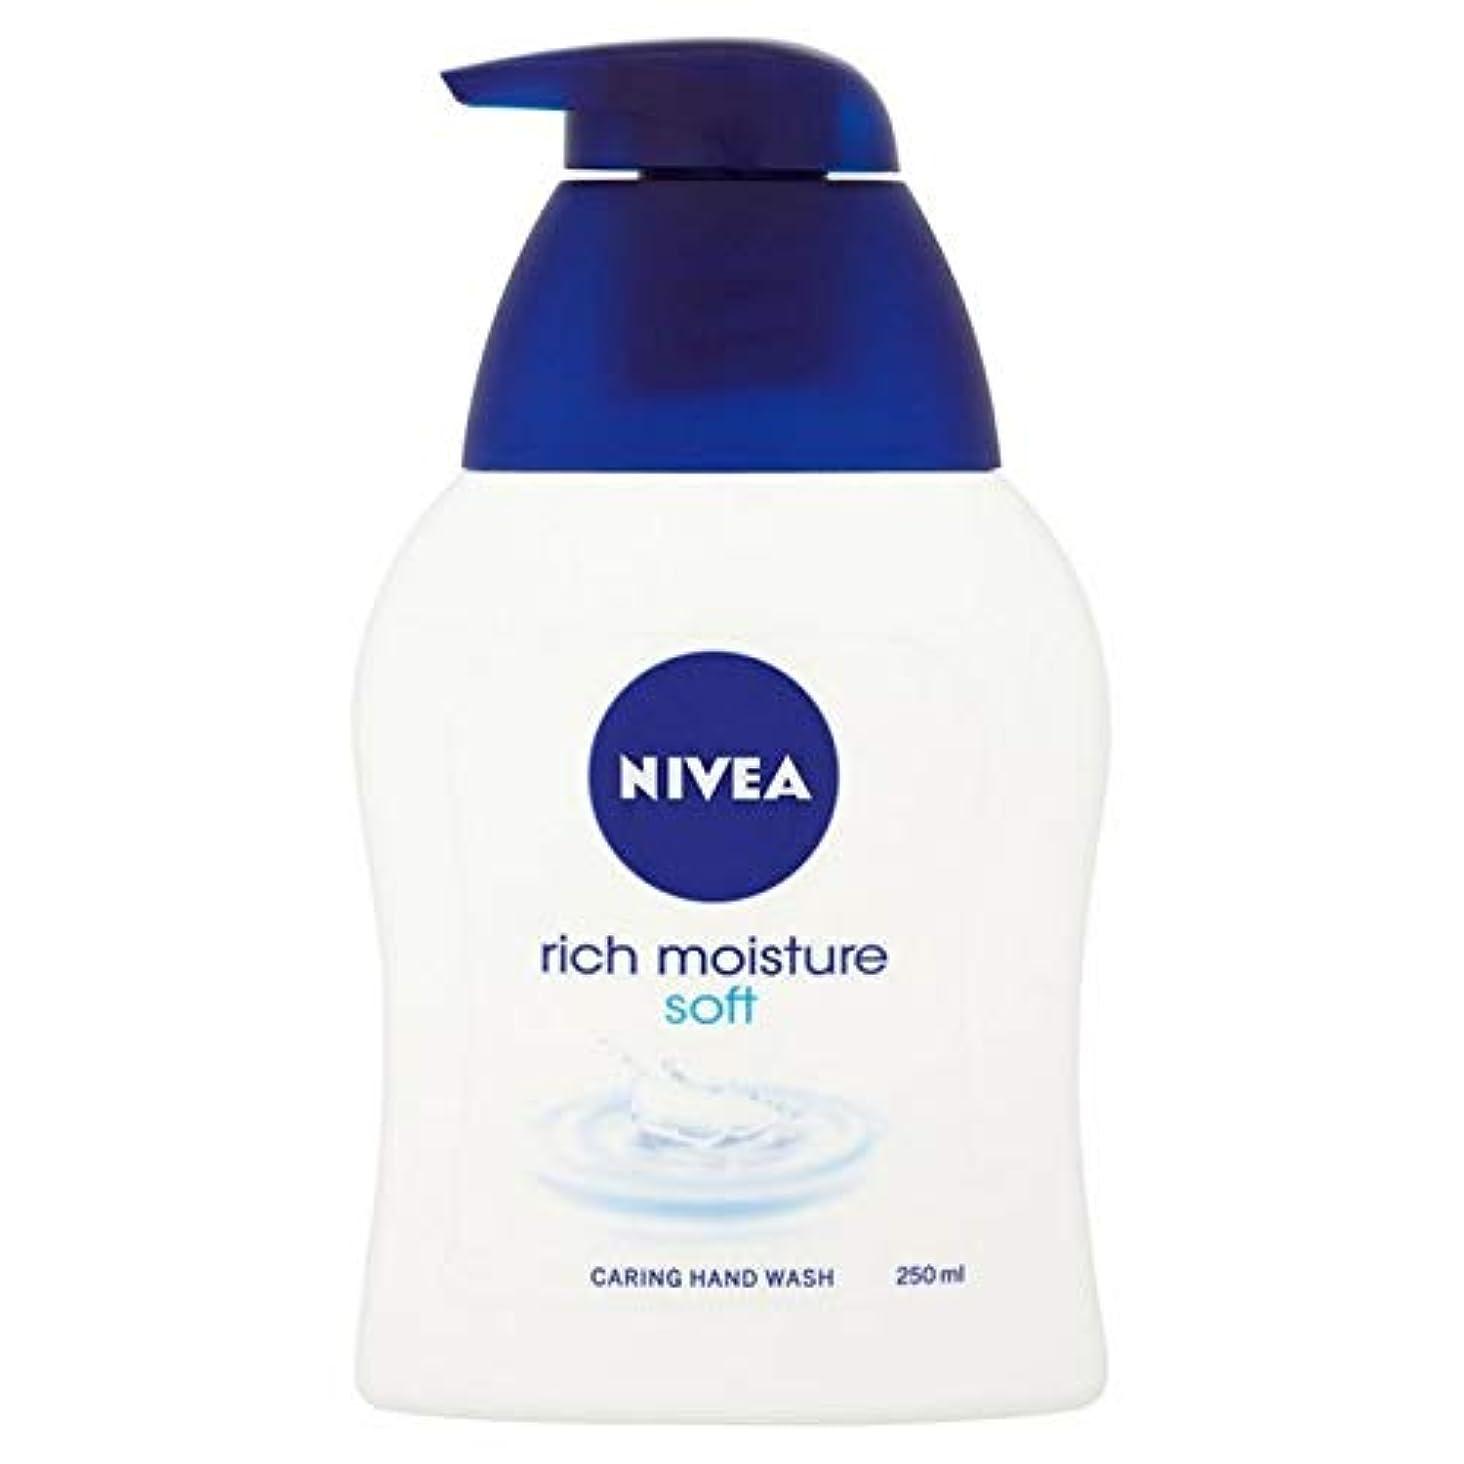 不平を言う国民投票無謀[Nivea ] ニベア豊富な水分ソフト思いやり手洗いの250ミリリットル - Nivea Rich Moisture Soft Caring Hand Wash 250ml [並行輸入品]